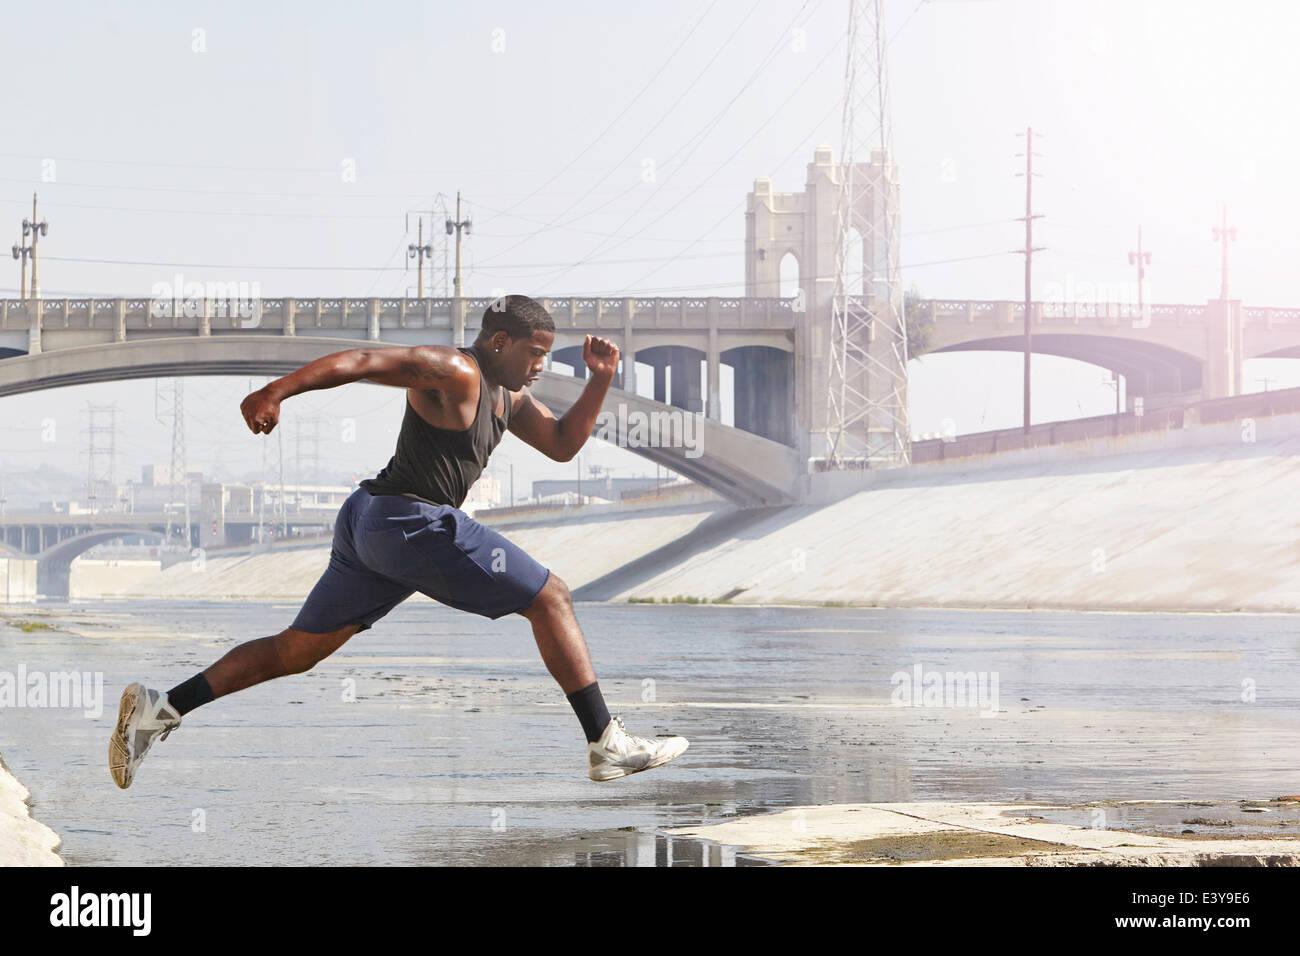 Giovane uomo velocità correre e saltare da riverbank Immagini Stock